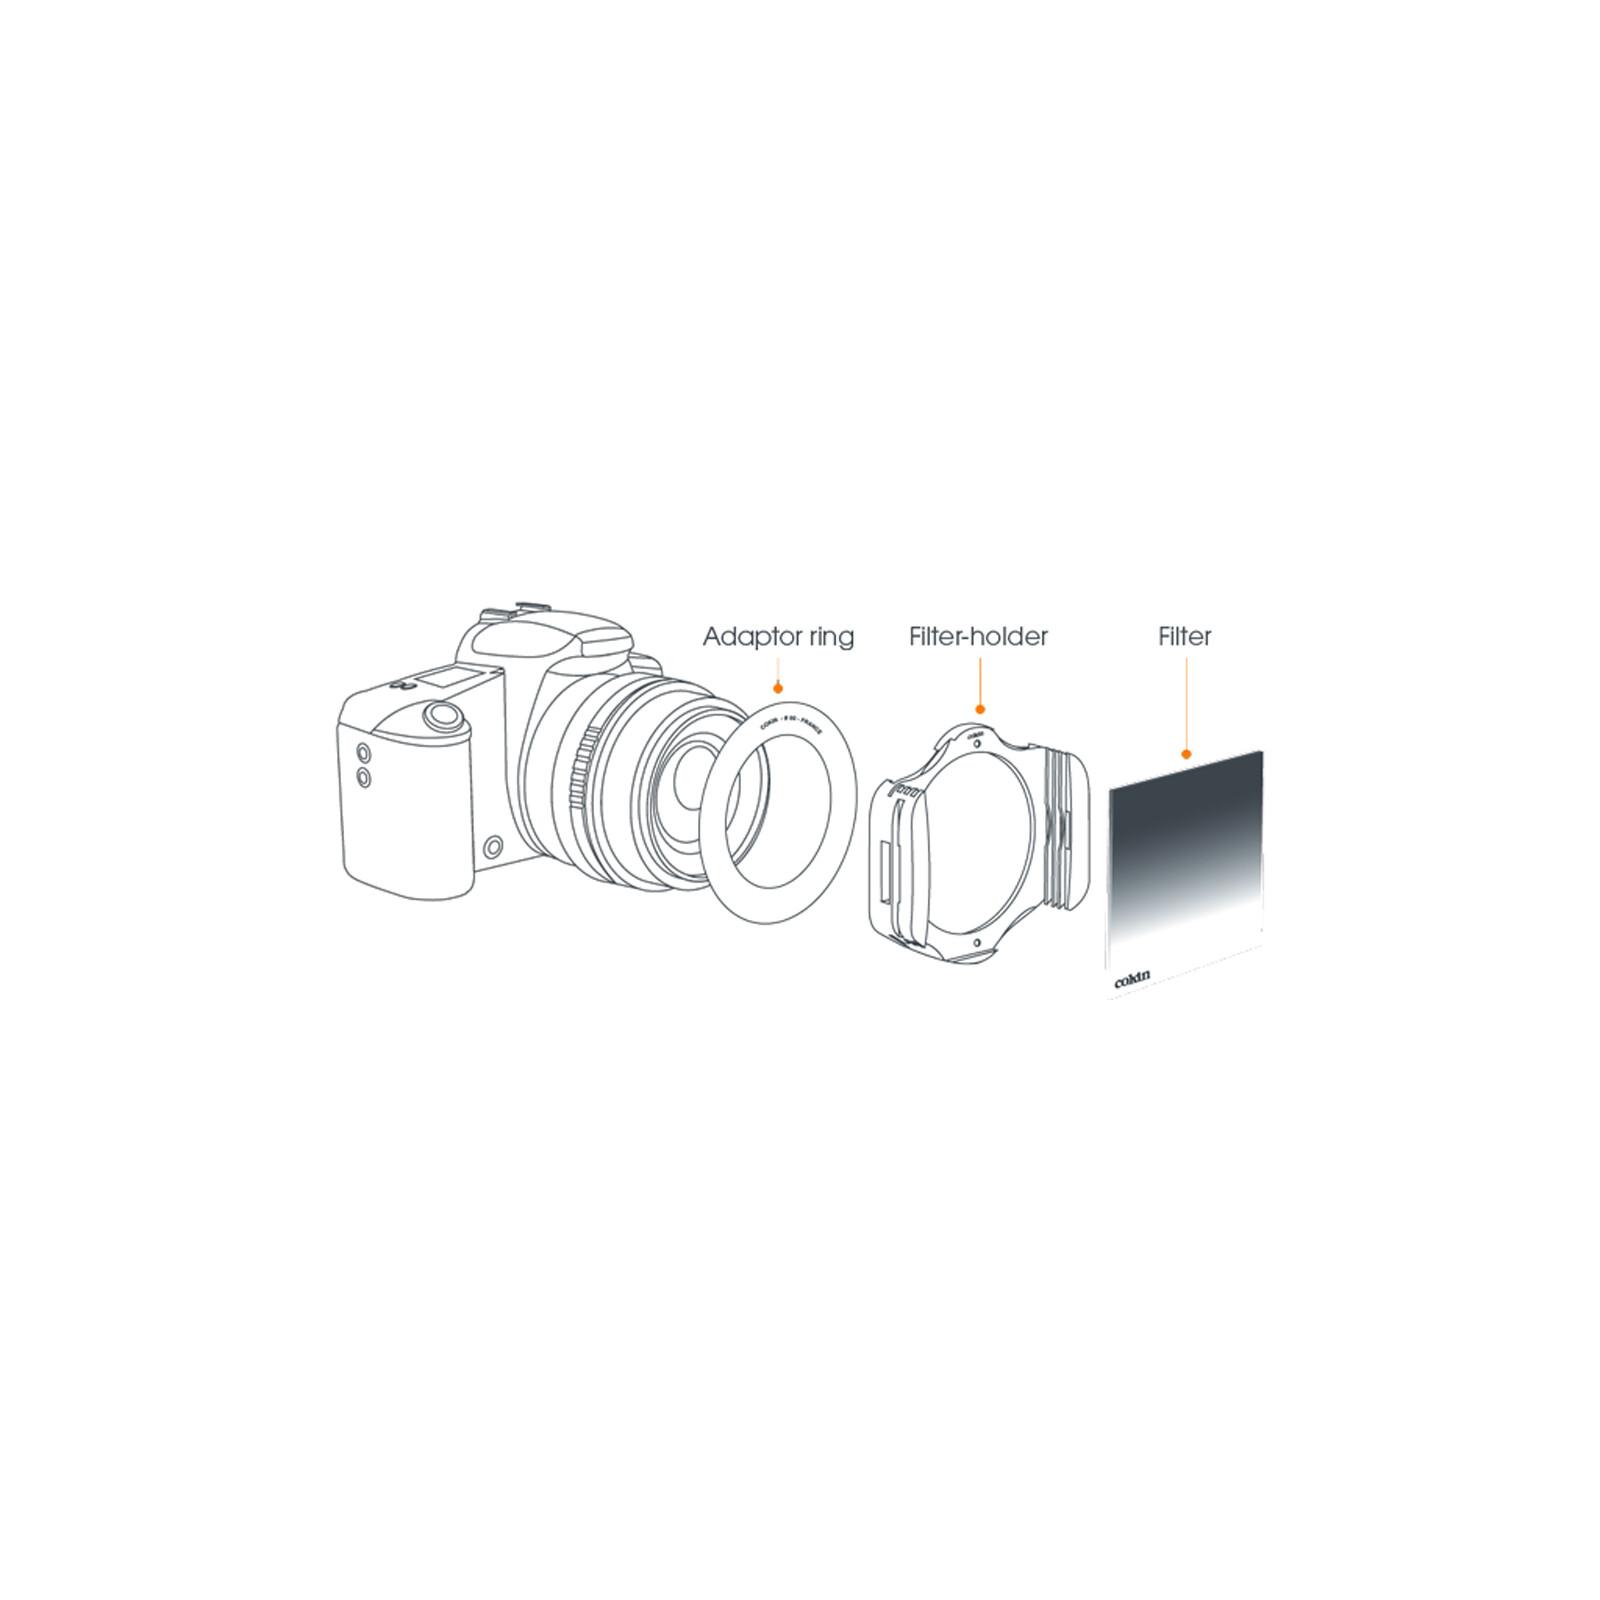 Cokin Z452 Z-Adapter 52mm